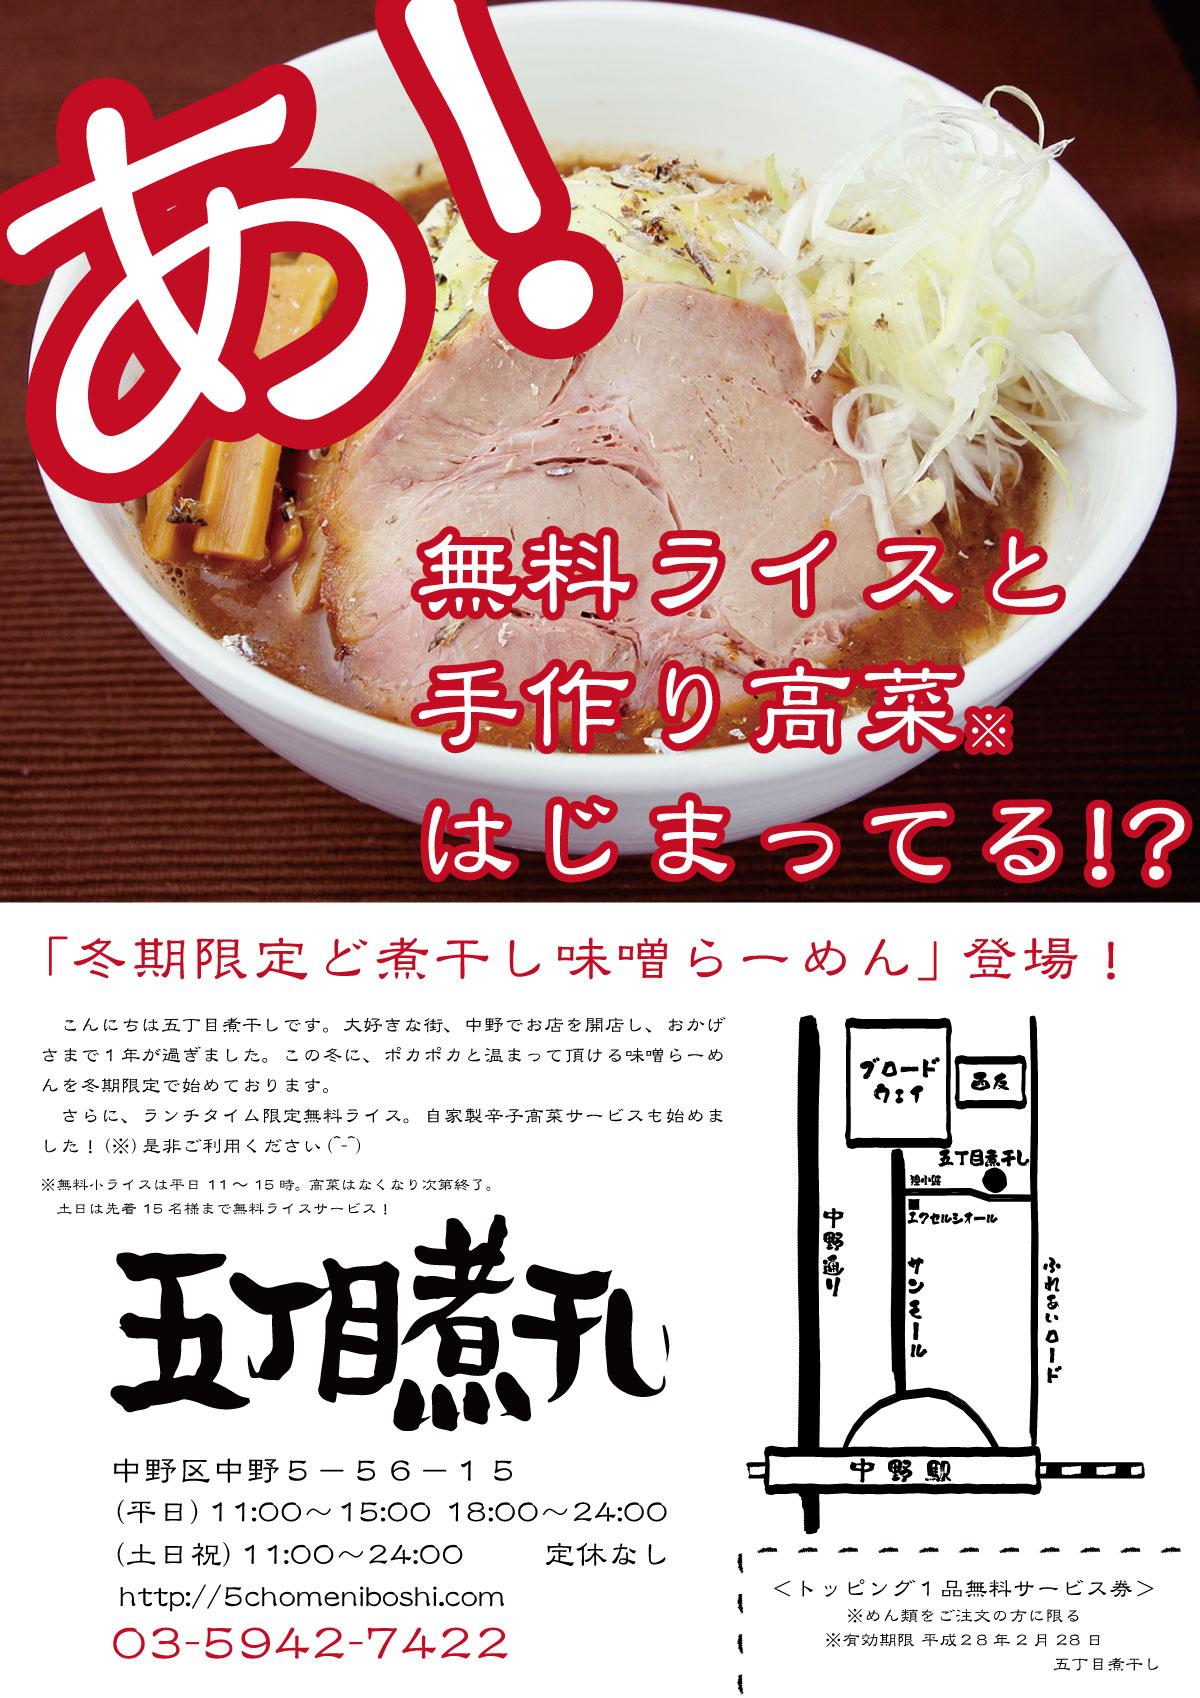 近隣配布用のチラシ制作(飲食店・中野)